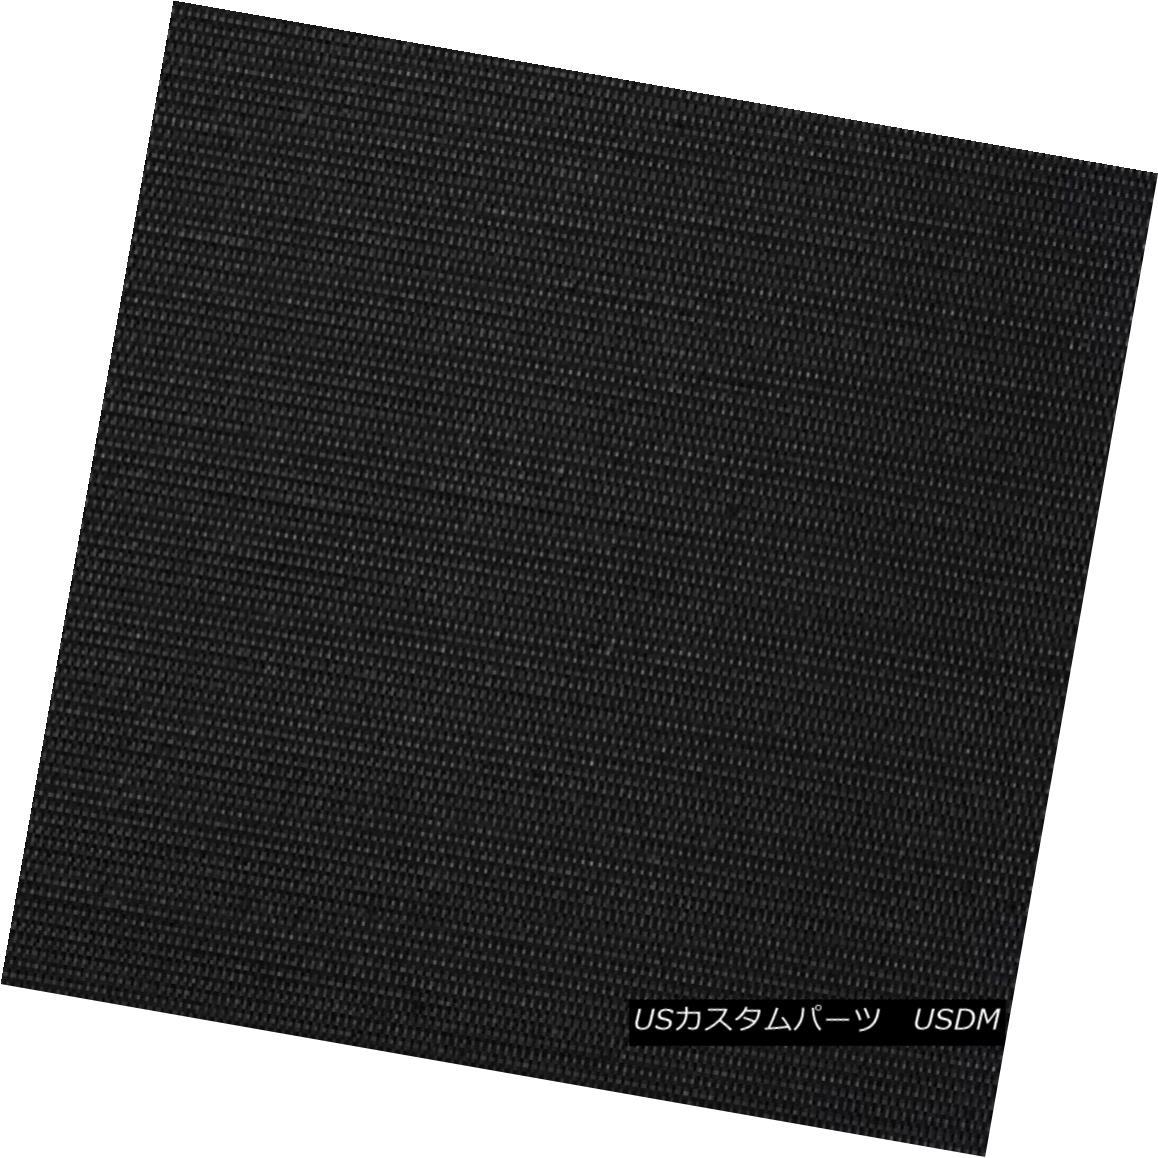 幌・ソフトトップ Bestop 55629-15 Supertop Soft Top Replacement Skin Fits 97-06 Wrangler (TJ) Bestop 55629-15スーパートップソフトリプレイスメントスキンフィット97-06 Wrangler(TJ)